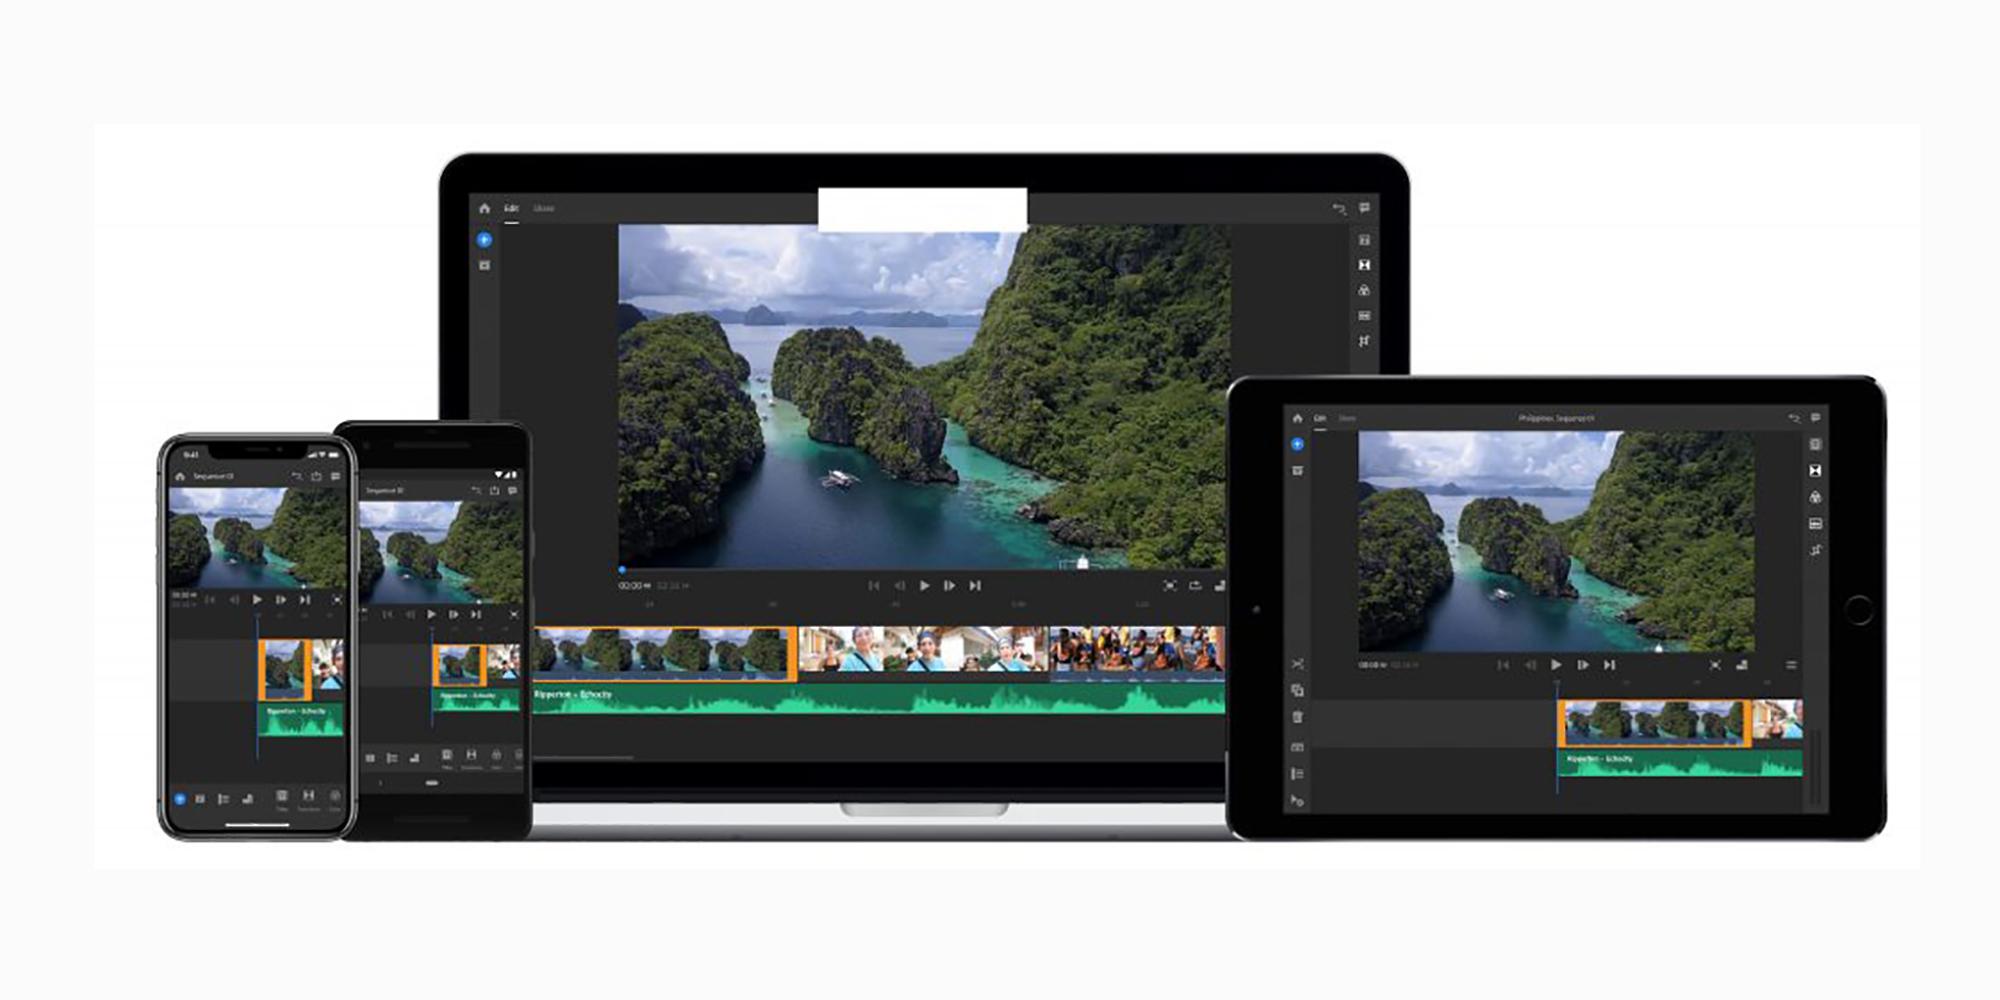 Adobe Premiere Rush CC startet 2019 auf Android, eine YouTube-basierte Videobearbeitungs-App